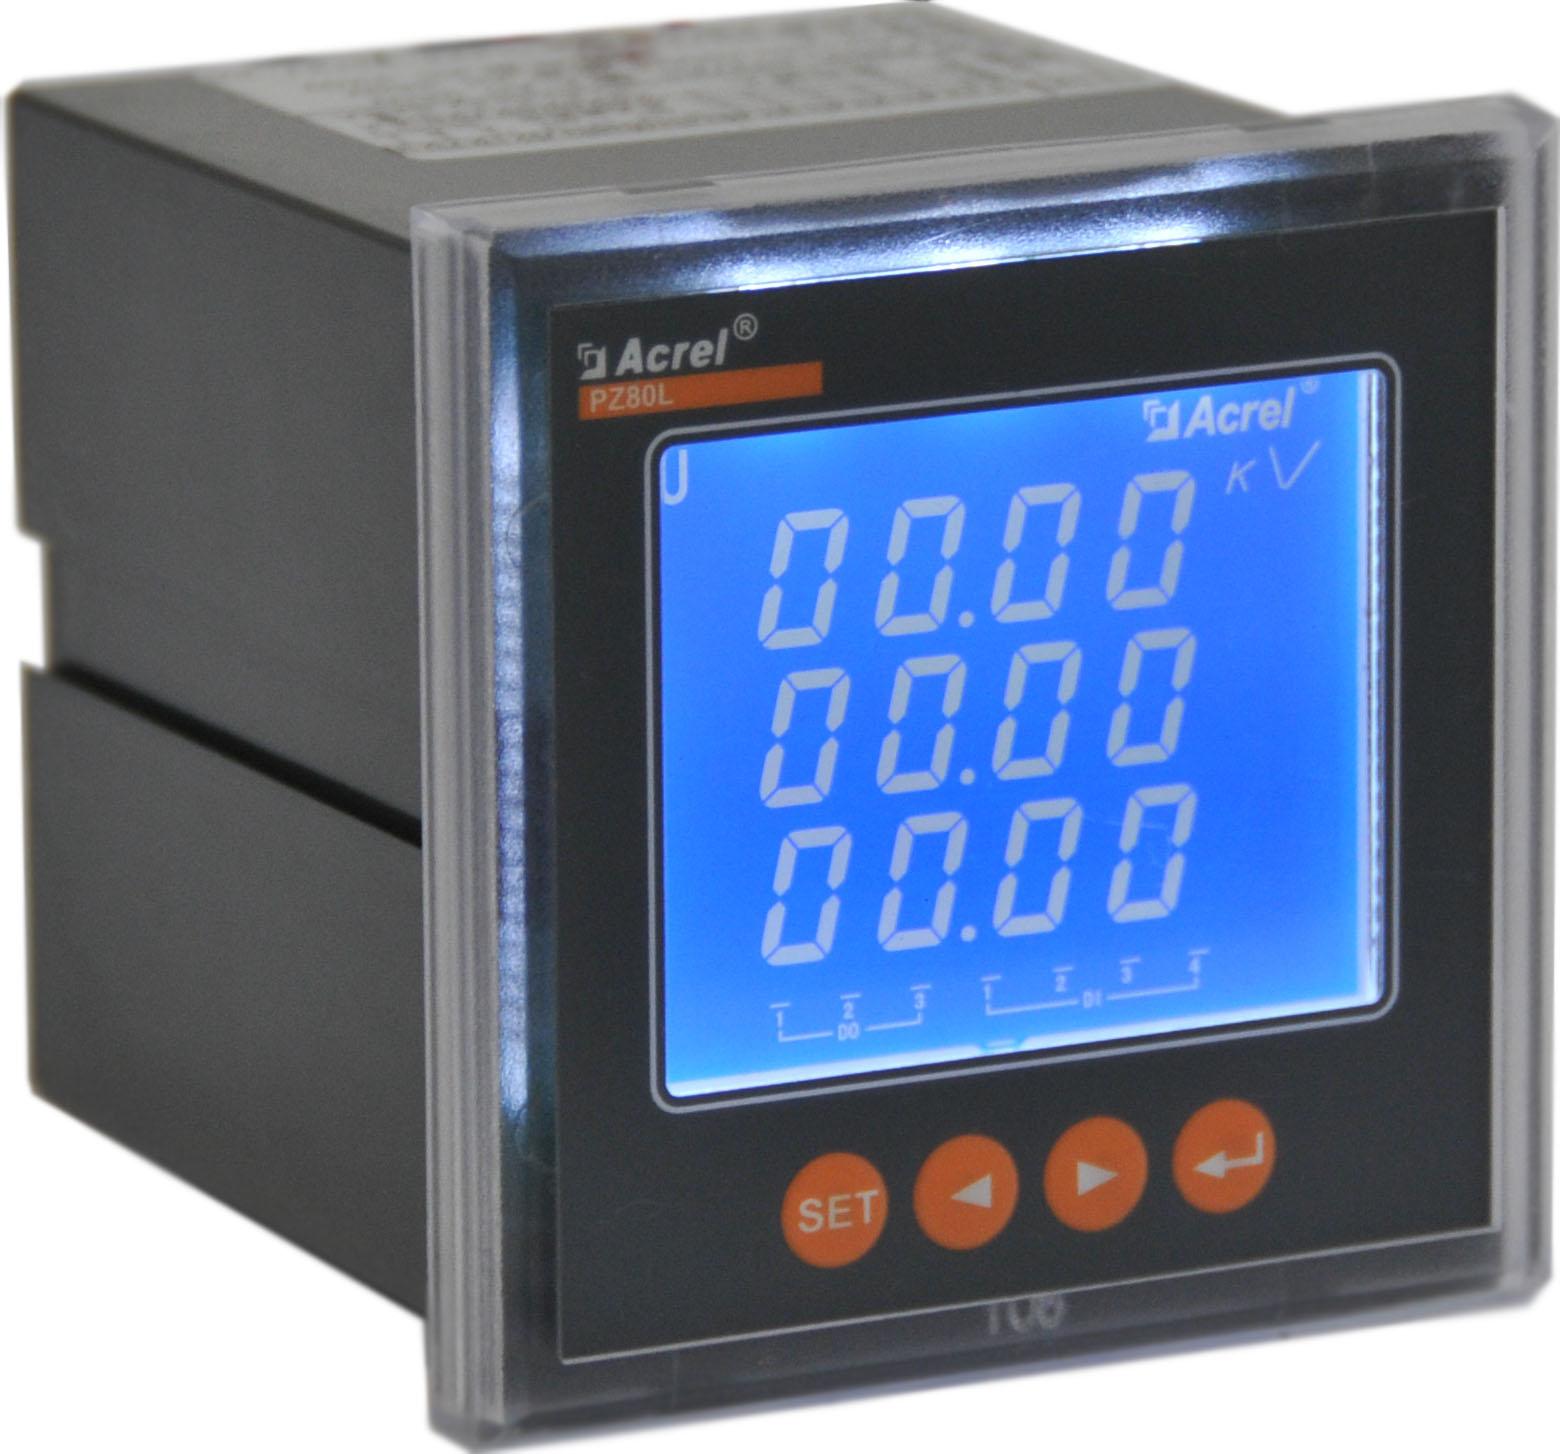 安科瑞PZ72L-E4 电能表 PZ72L-E4 PZ72L-E3 厂家直销 包邮